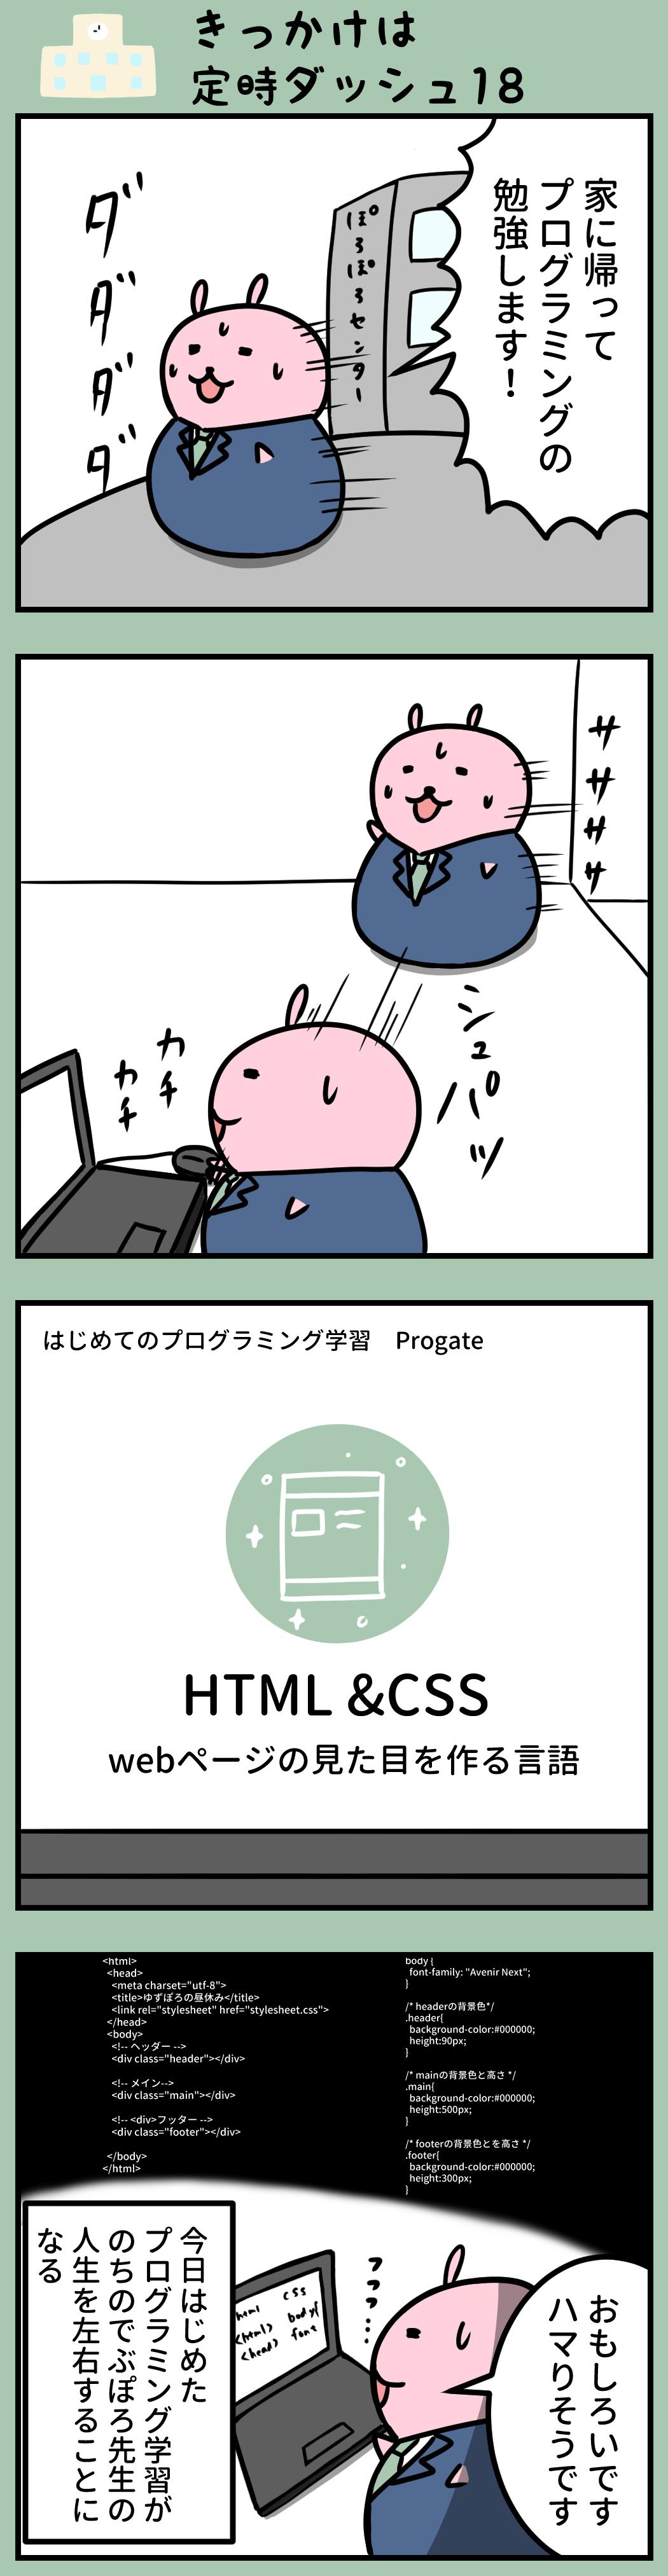 プログラミング progate